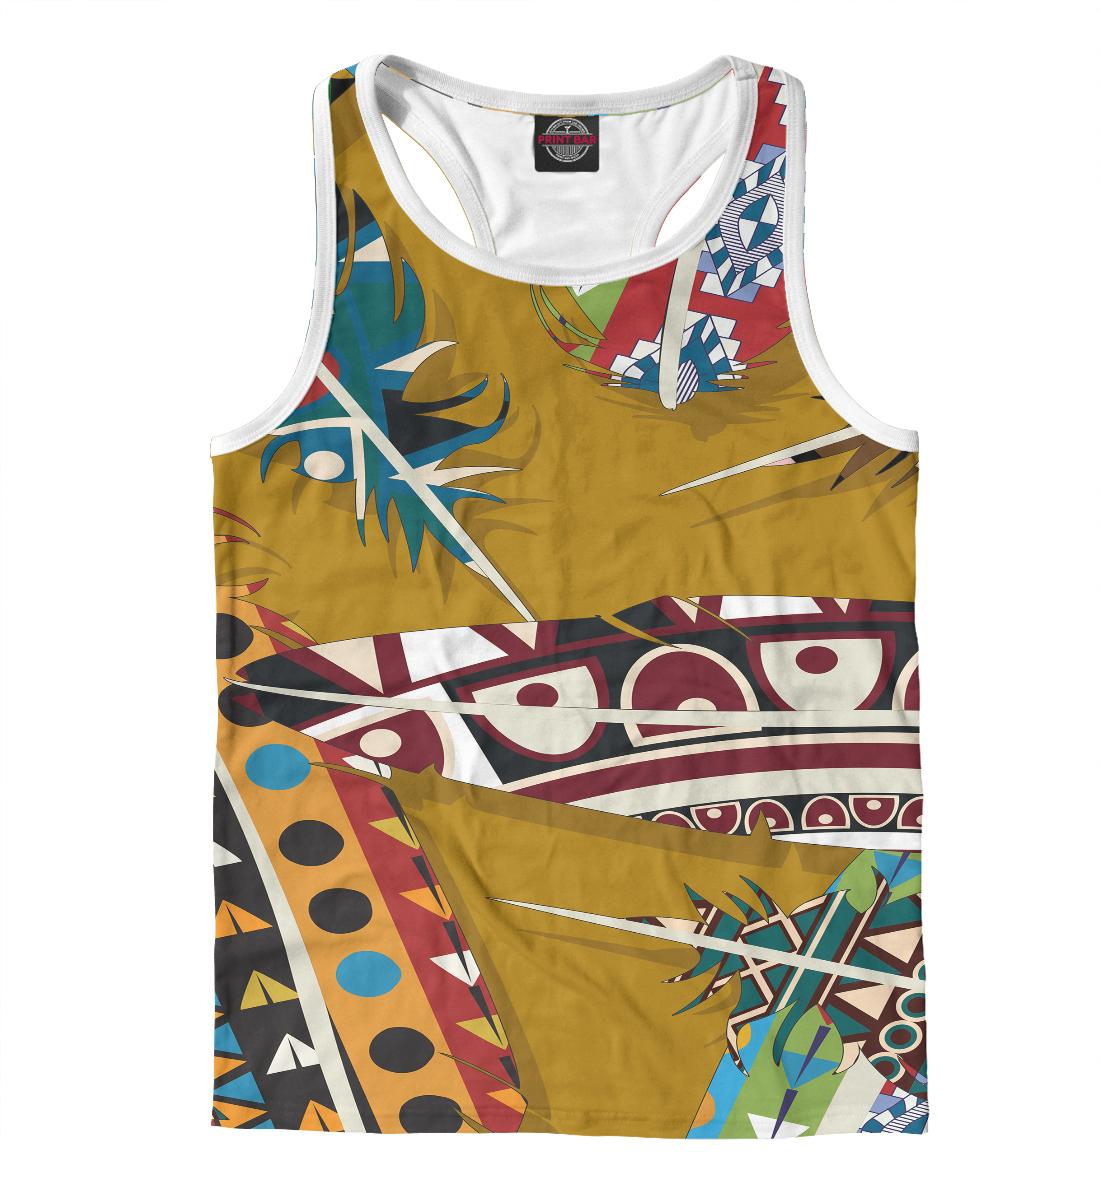 Купить Африканский стиль, Printbar, Майки борцовки, BCH-268265-mayb-2